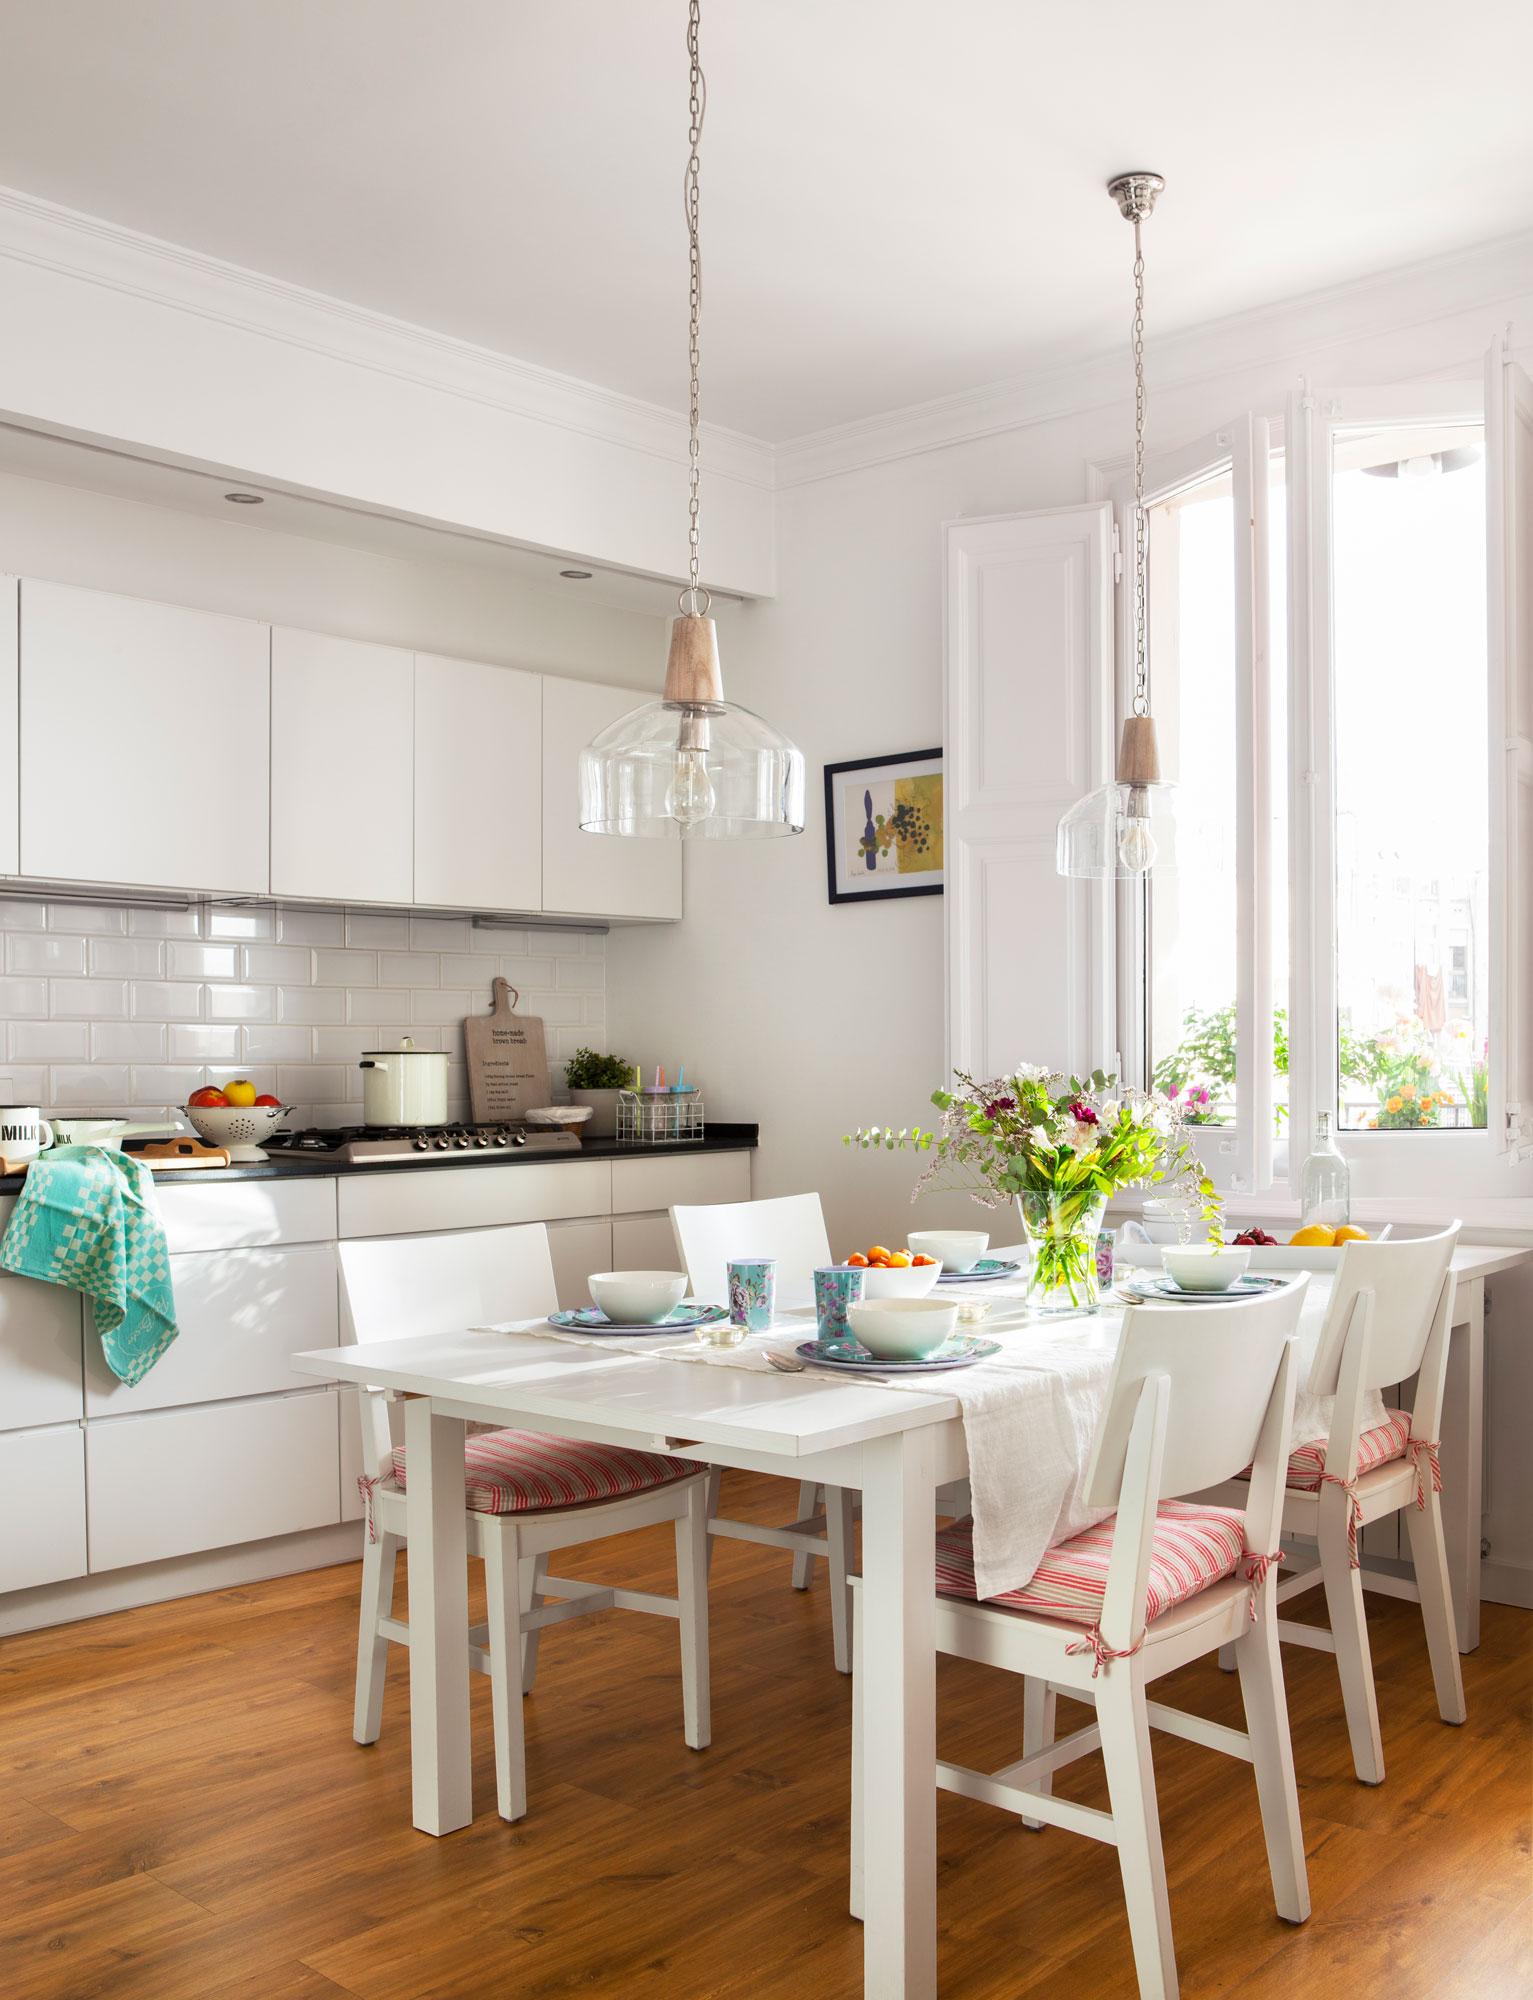 Ideas Para Renovar La Cocina Con Muy Poco Presupuesto ~ Reformar Cocina Con Poco Dinero